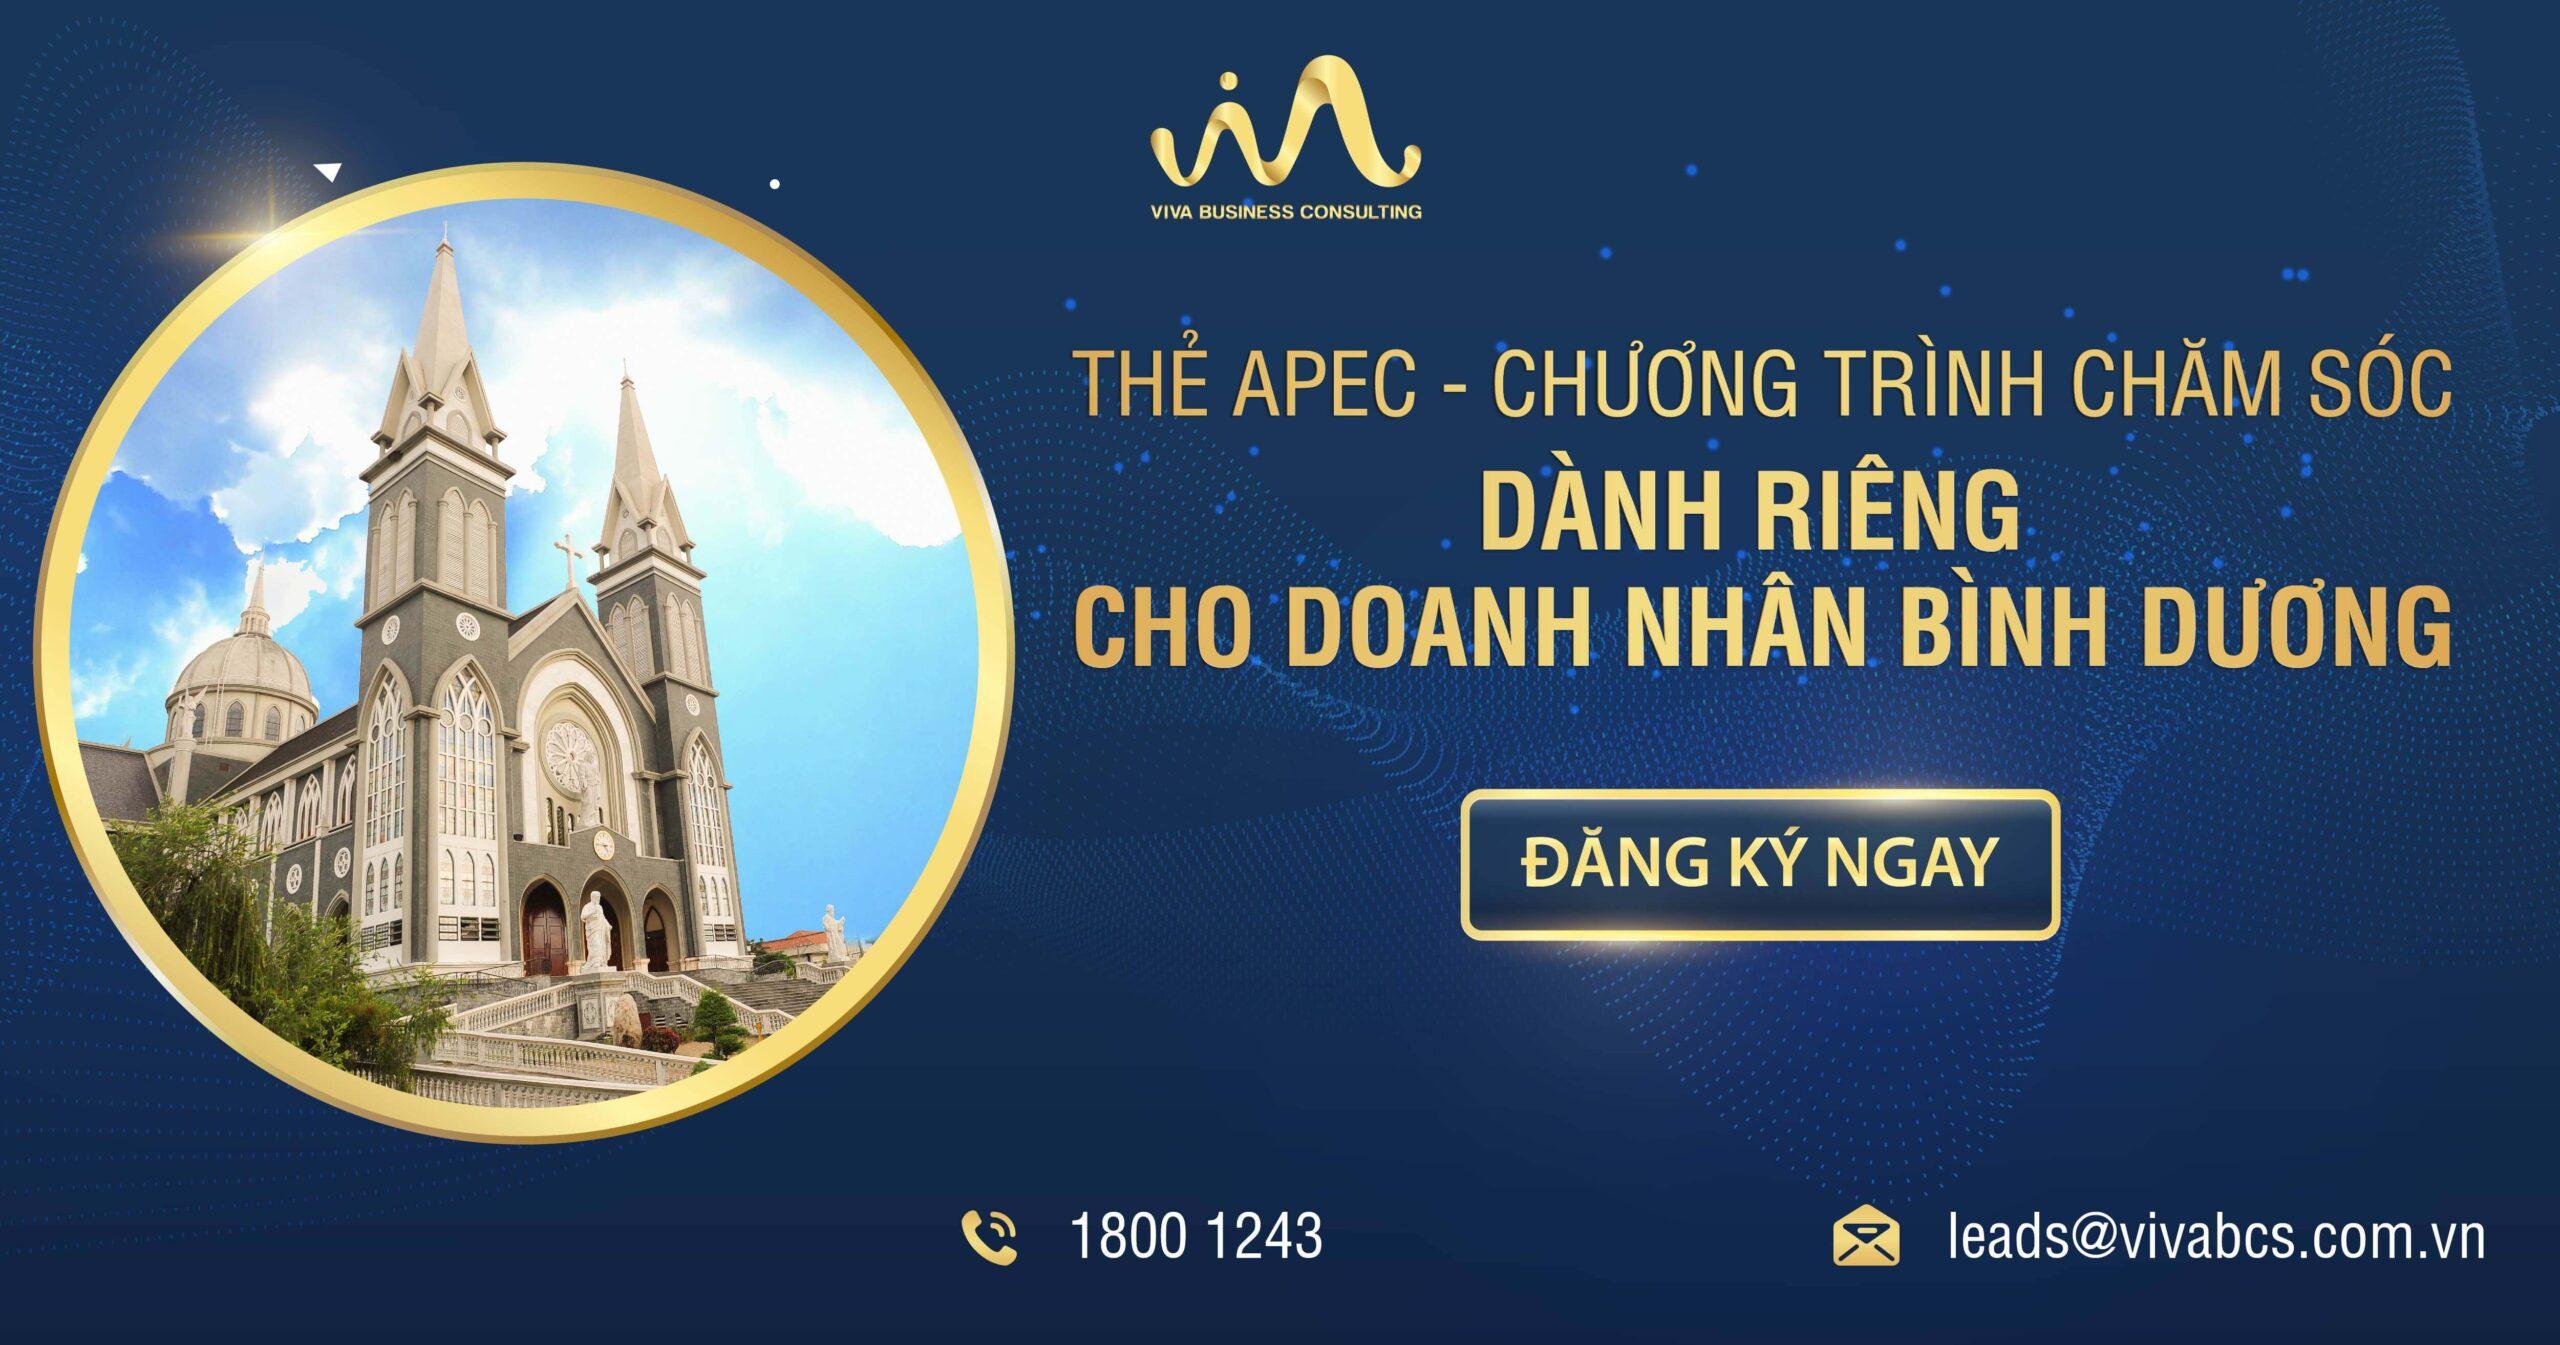 Thẻ APEC cùng doanh nhân Bình Dương